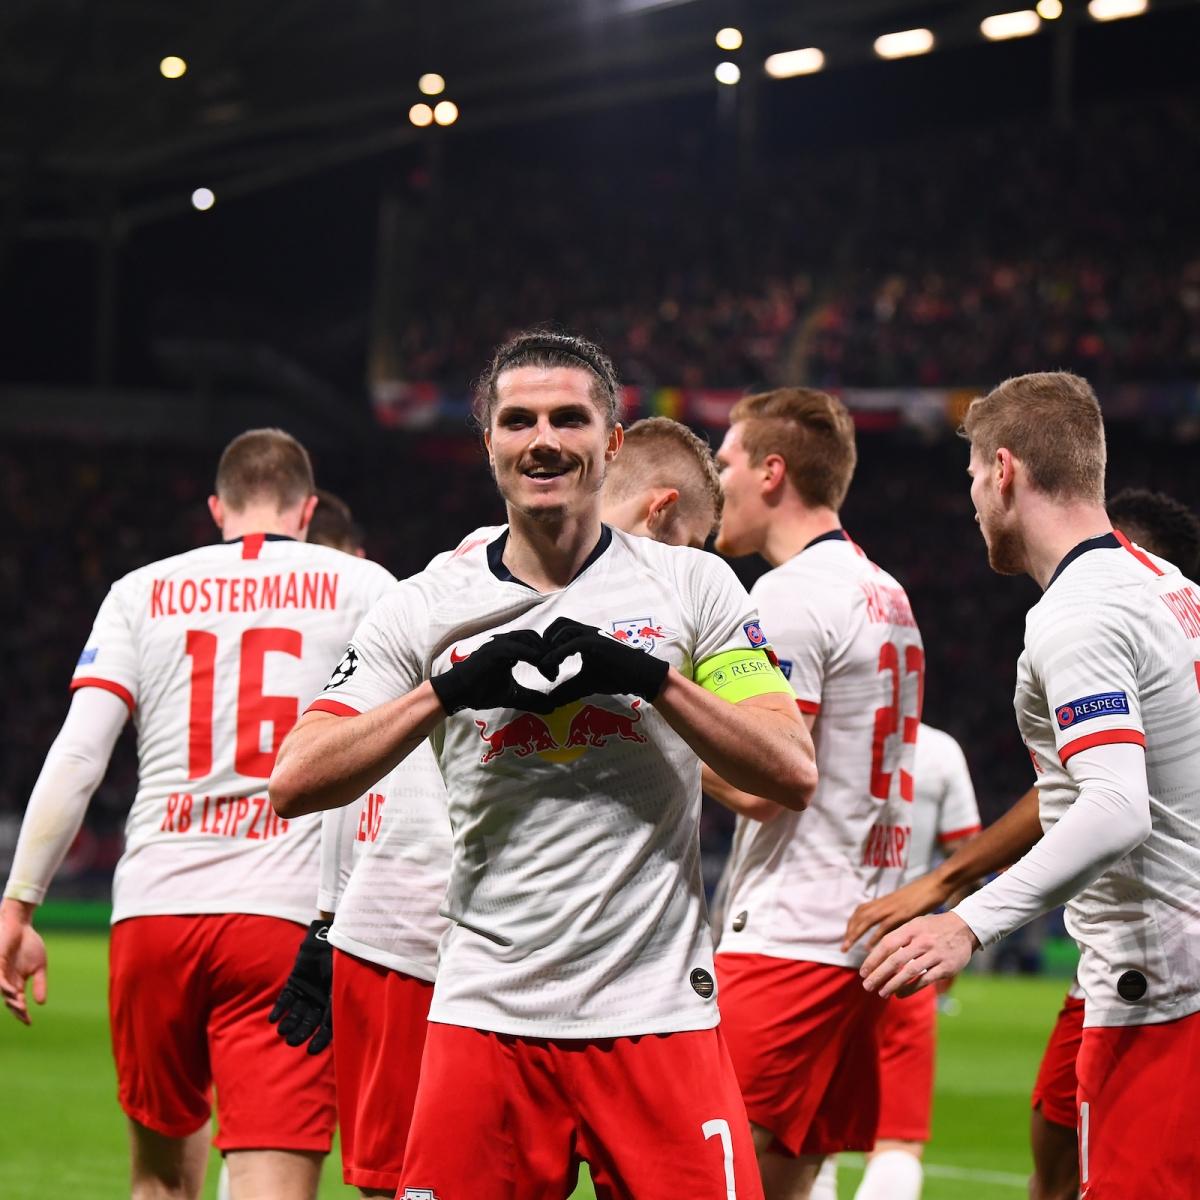 UEFA Champions League: RB Leipzig thrash Mourinho's Tottenham 3-0 to reach quarter-finals